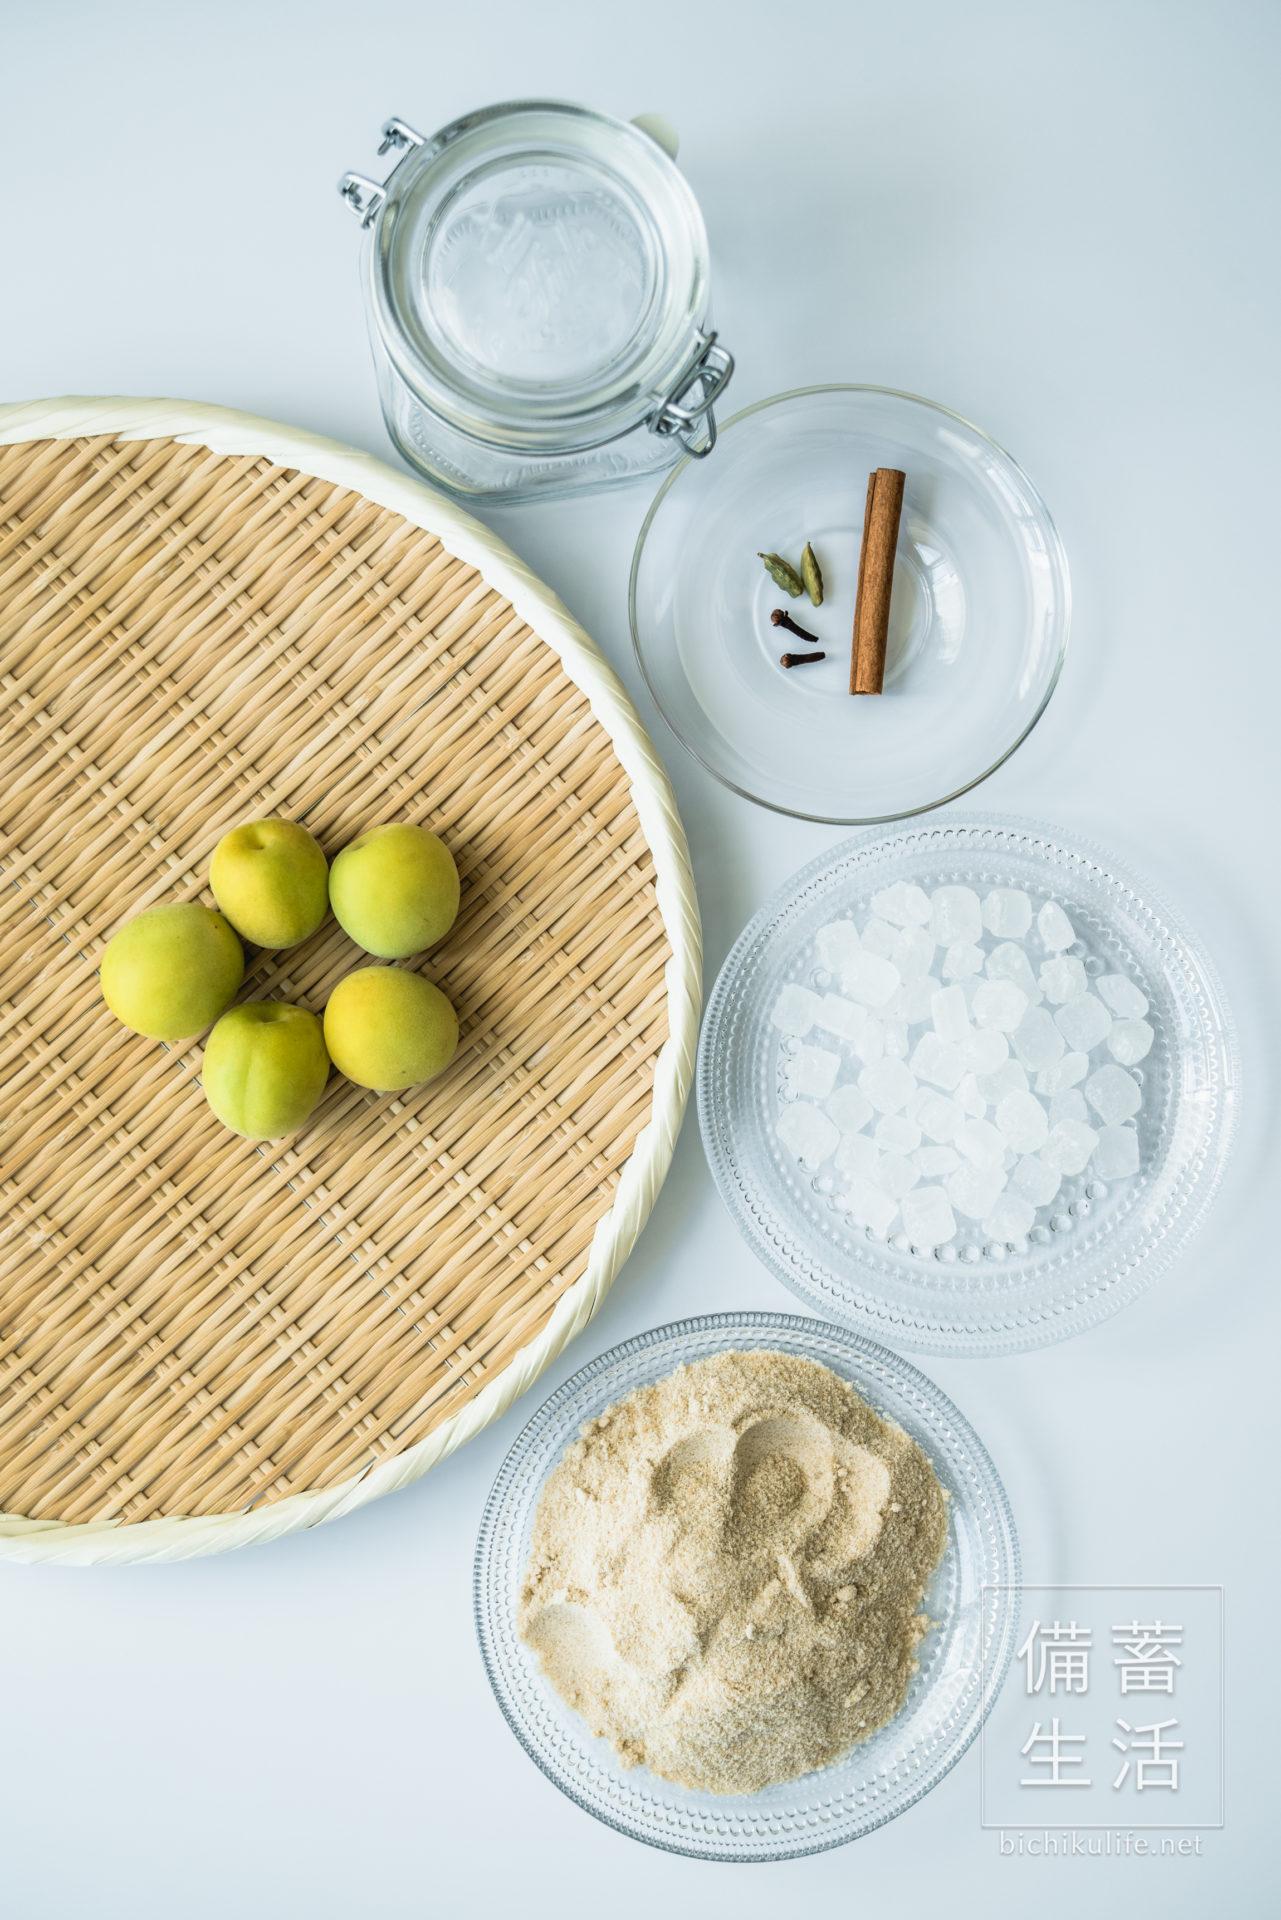 梅シロップ スパイス梅シロップのレシピ、必要なものと道具